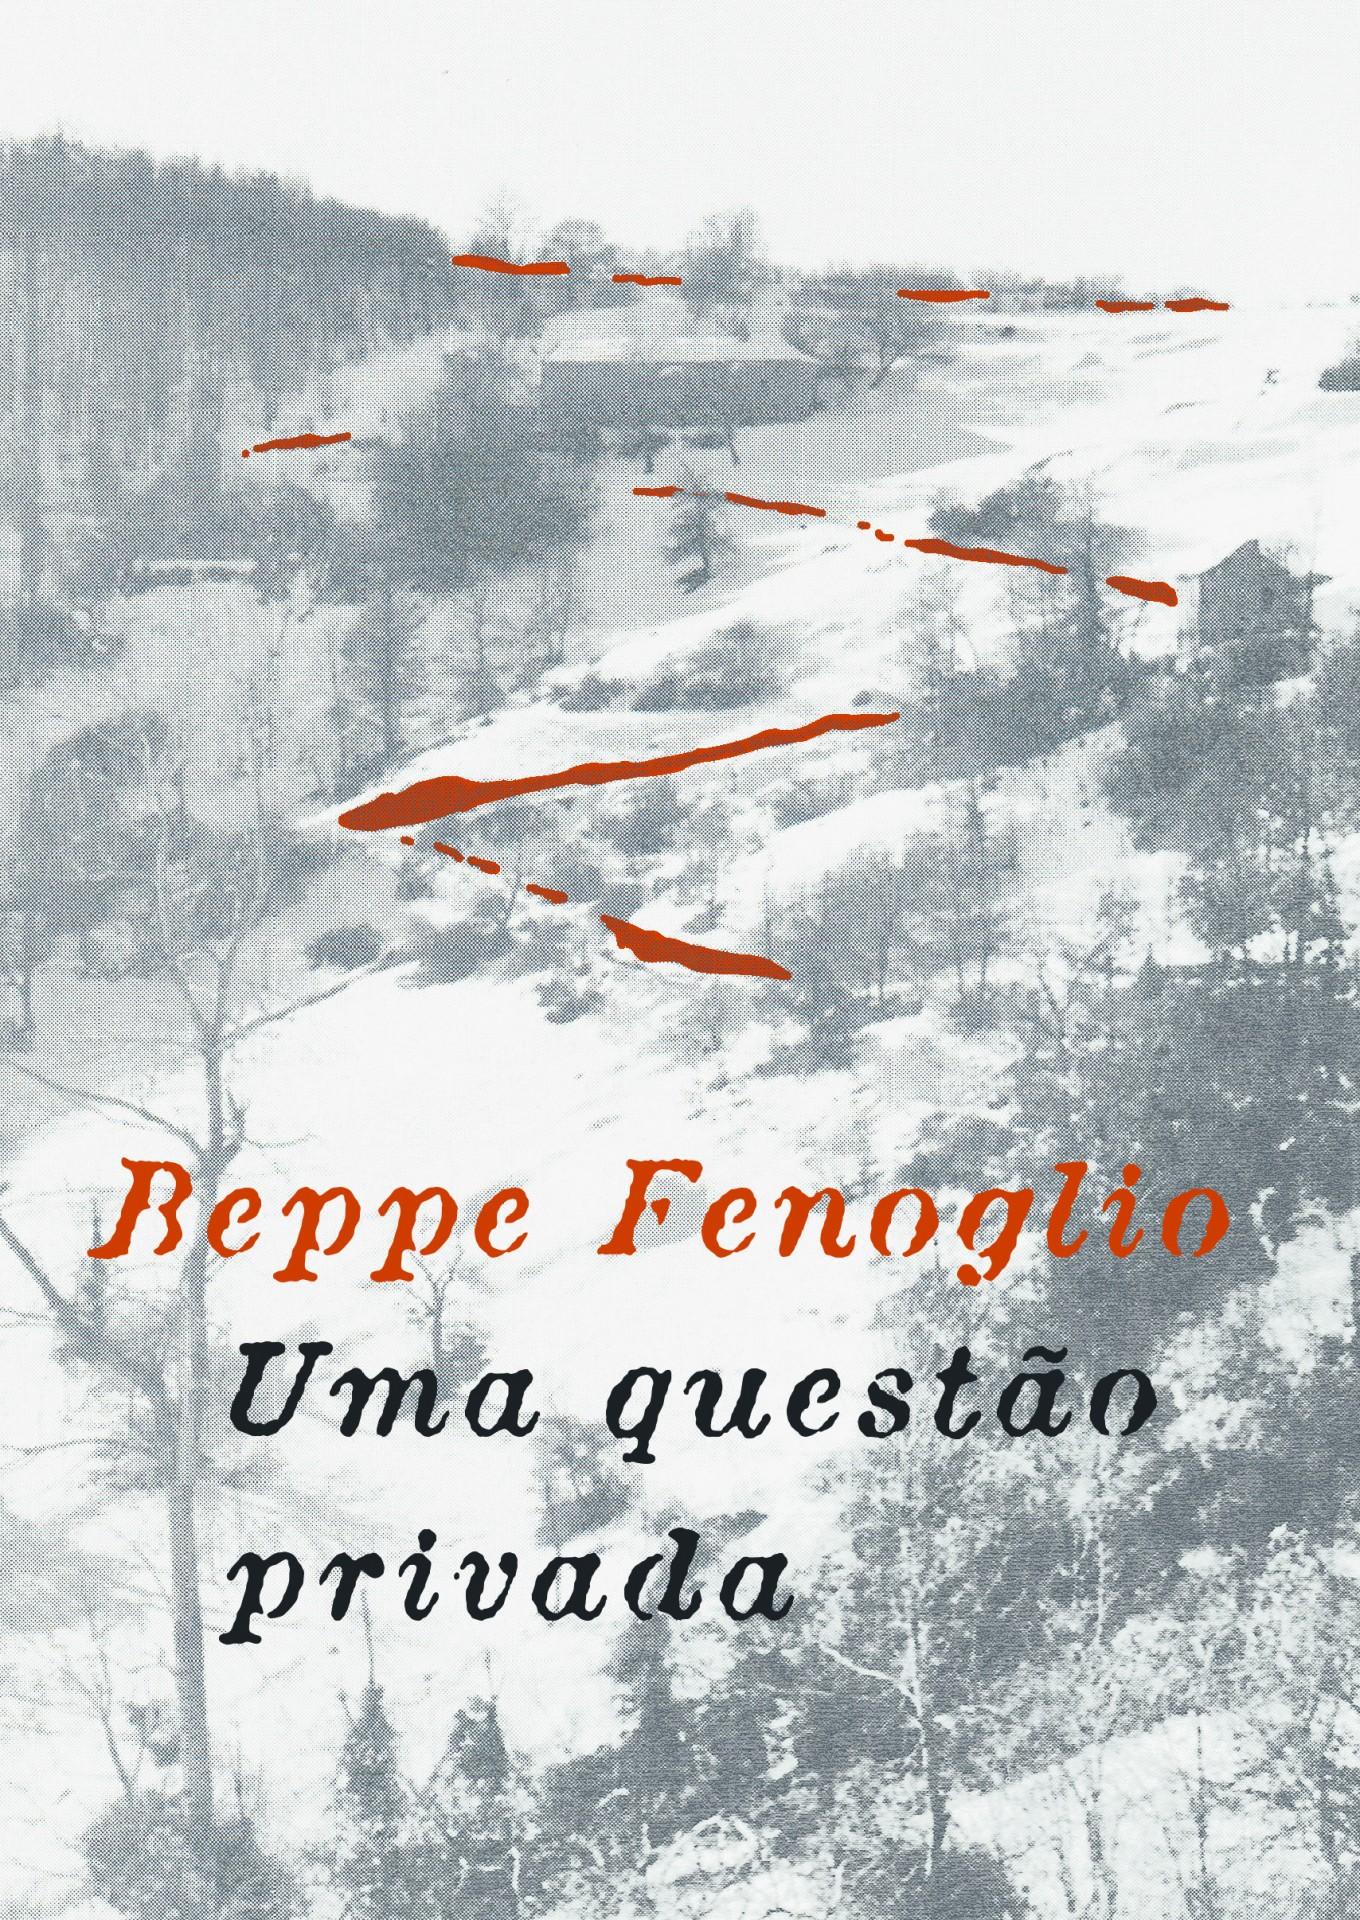 UMA QUESTÃO PRIVADA, Beppe Fenoglio